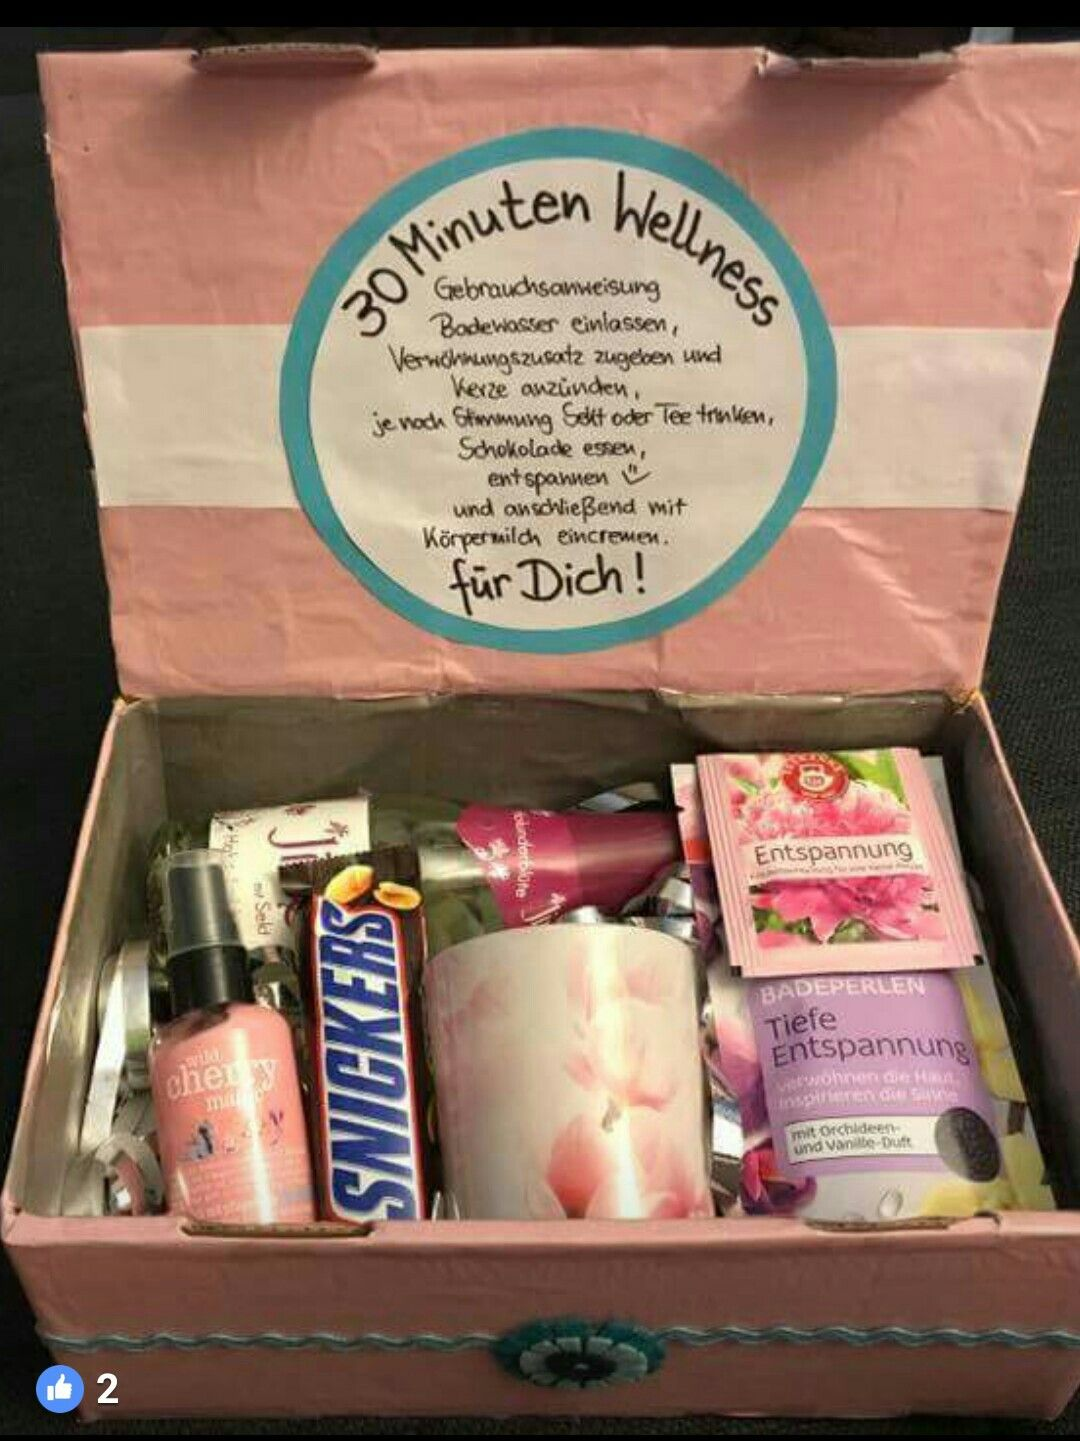 Geschenkidee Frauen  Wellness geschenke, Geburtstag geschenke